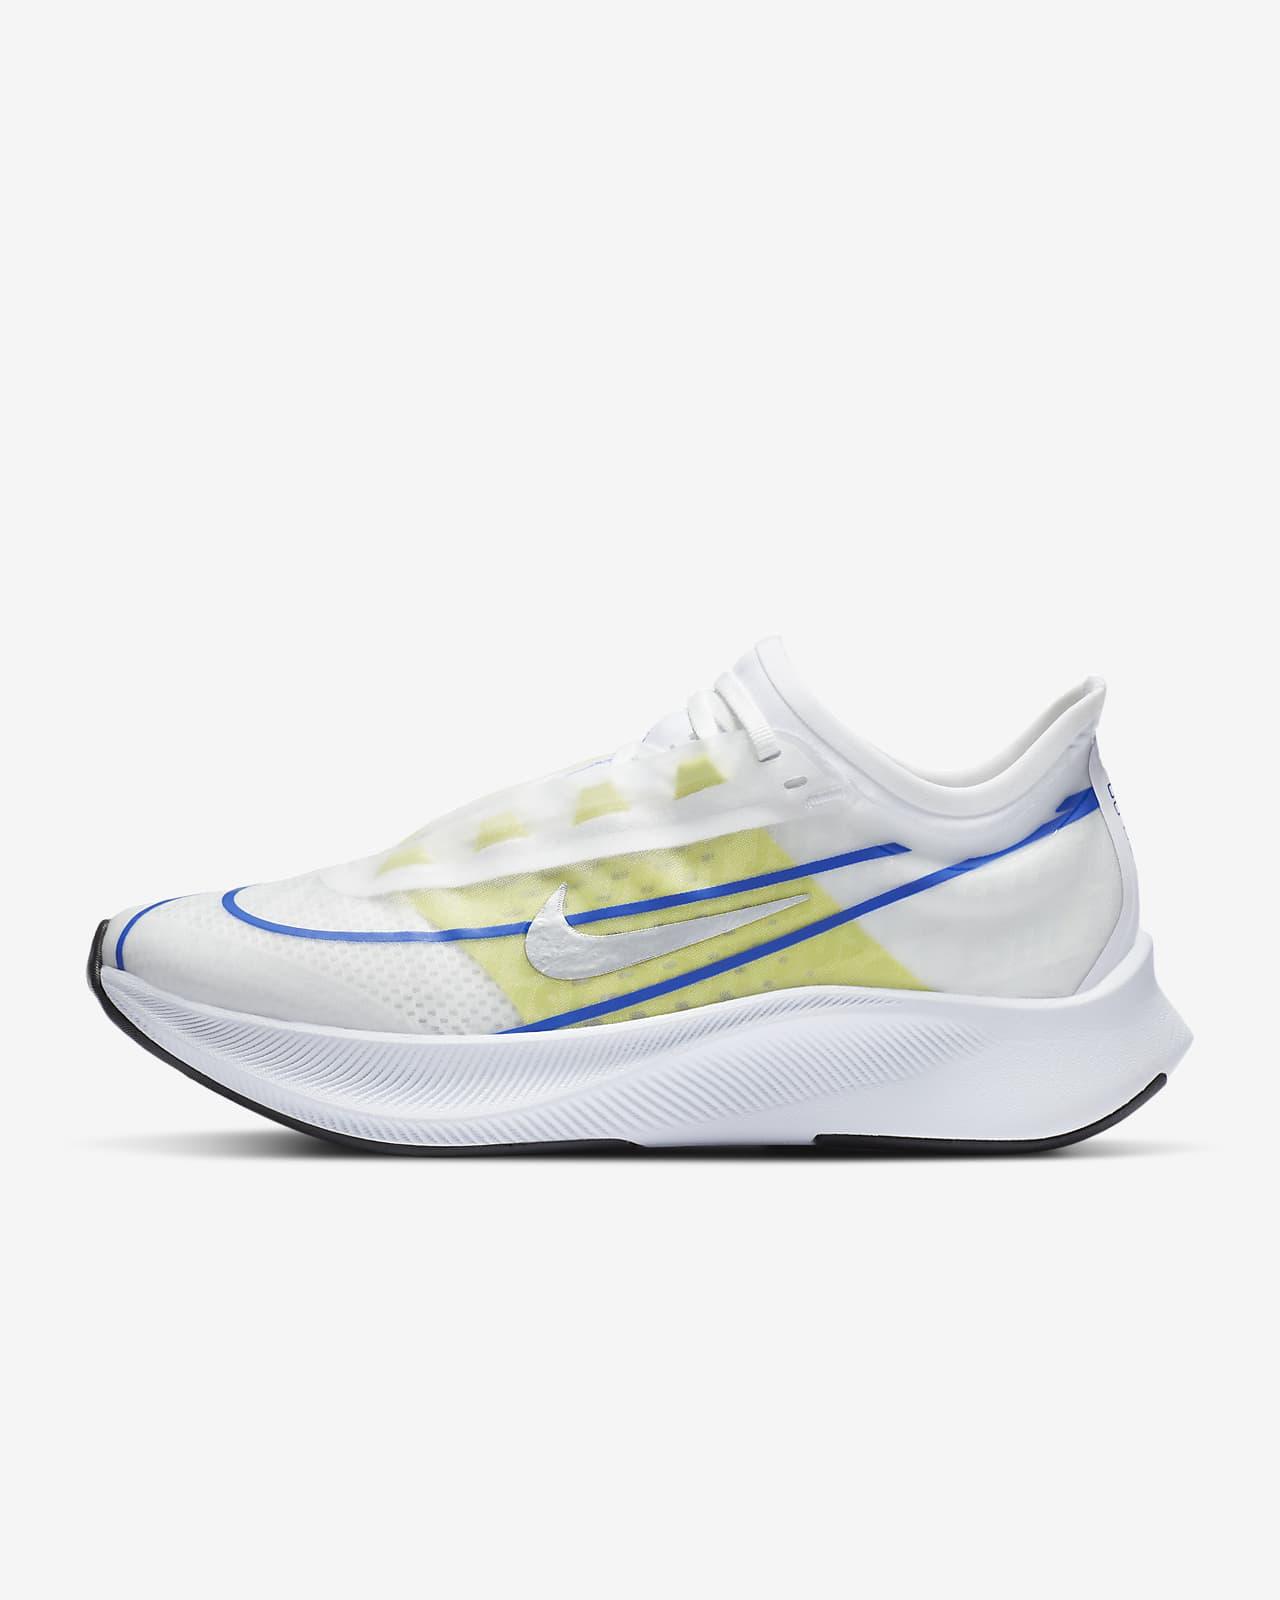 Löparsko Nike Zoom Fly 3 för kvinnor